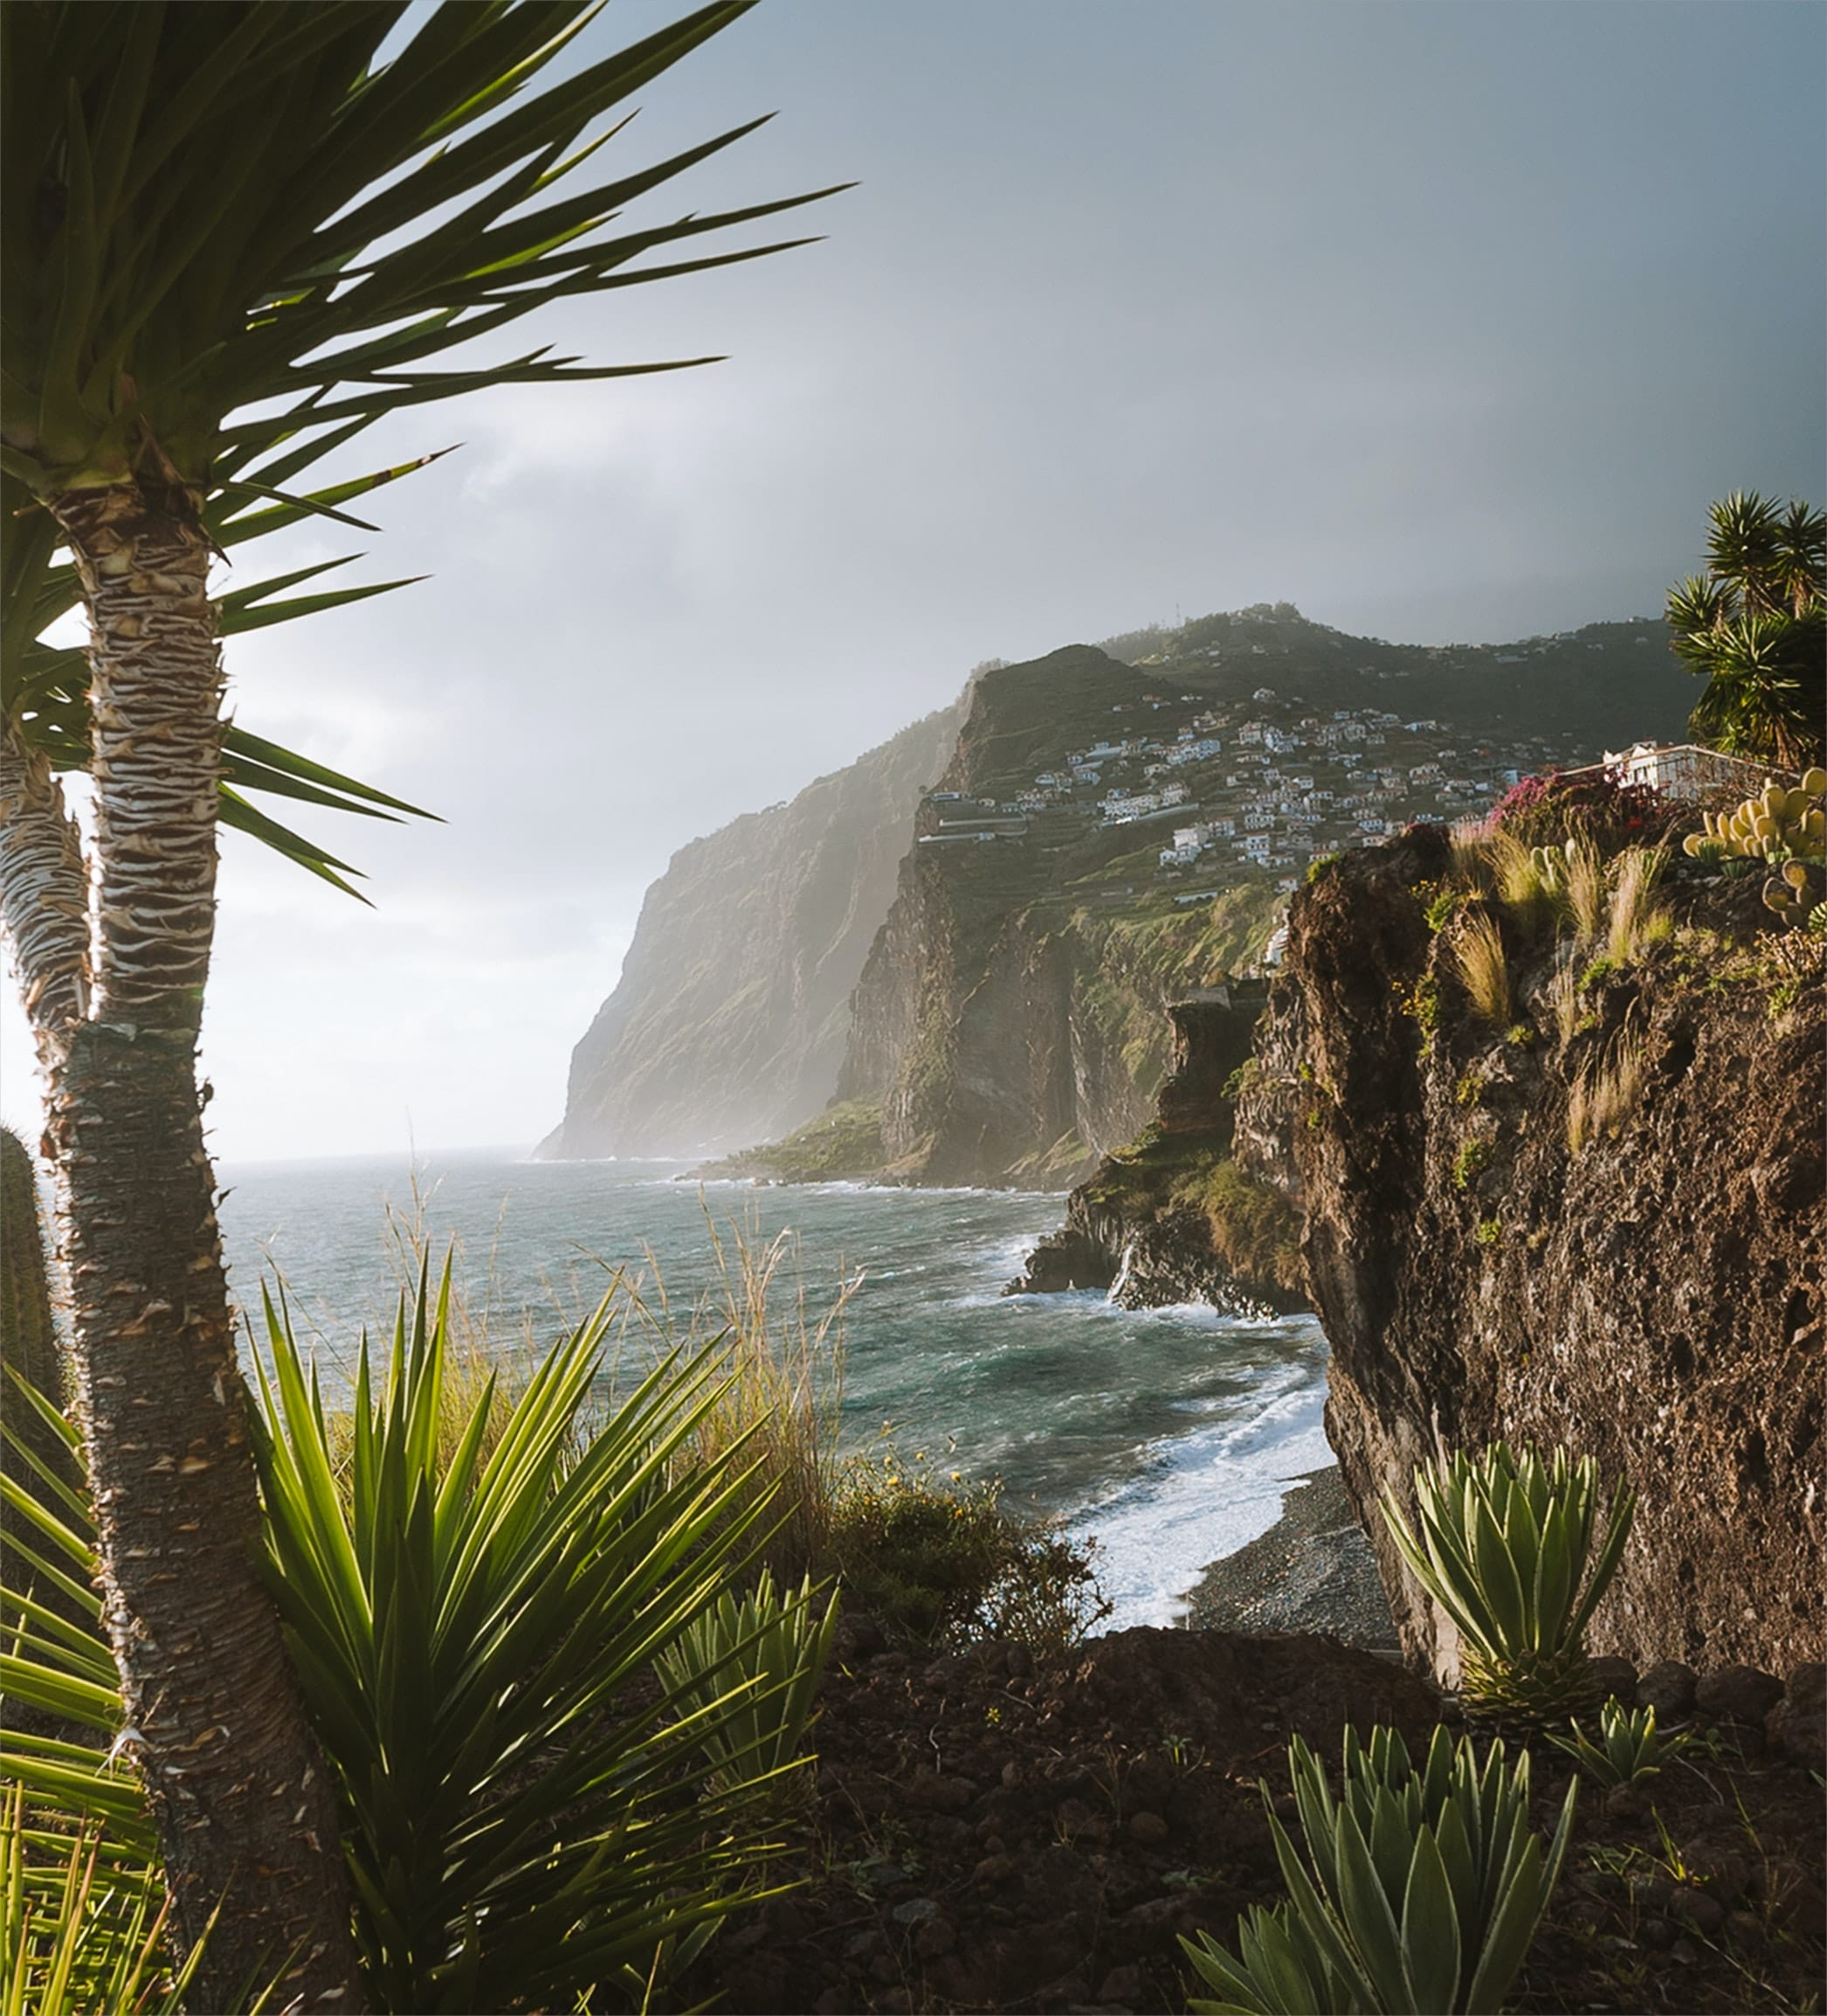 bubbelreizen - Travitude - unieke groepsreizen - reizen op maat - LGBT friendly - vaarvakanties - Madeira